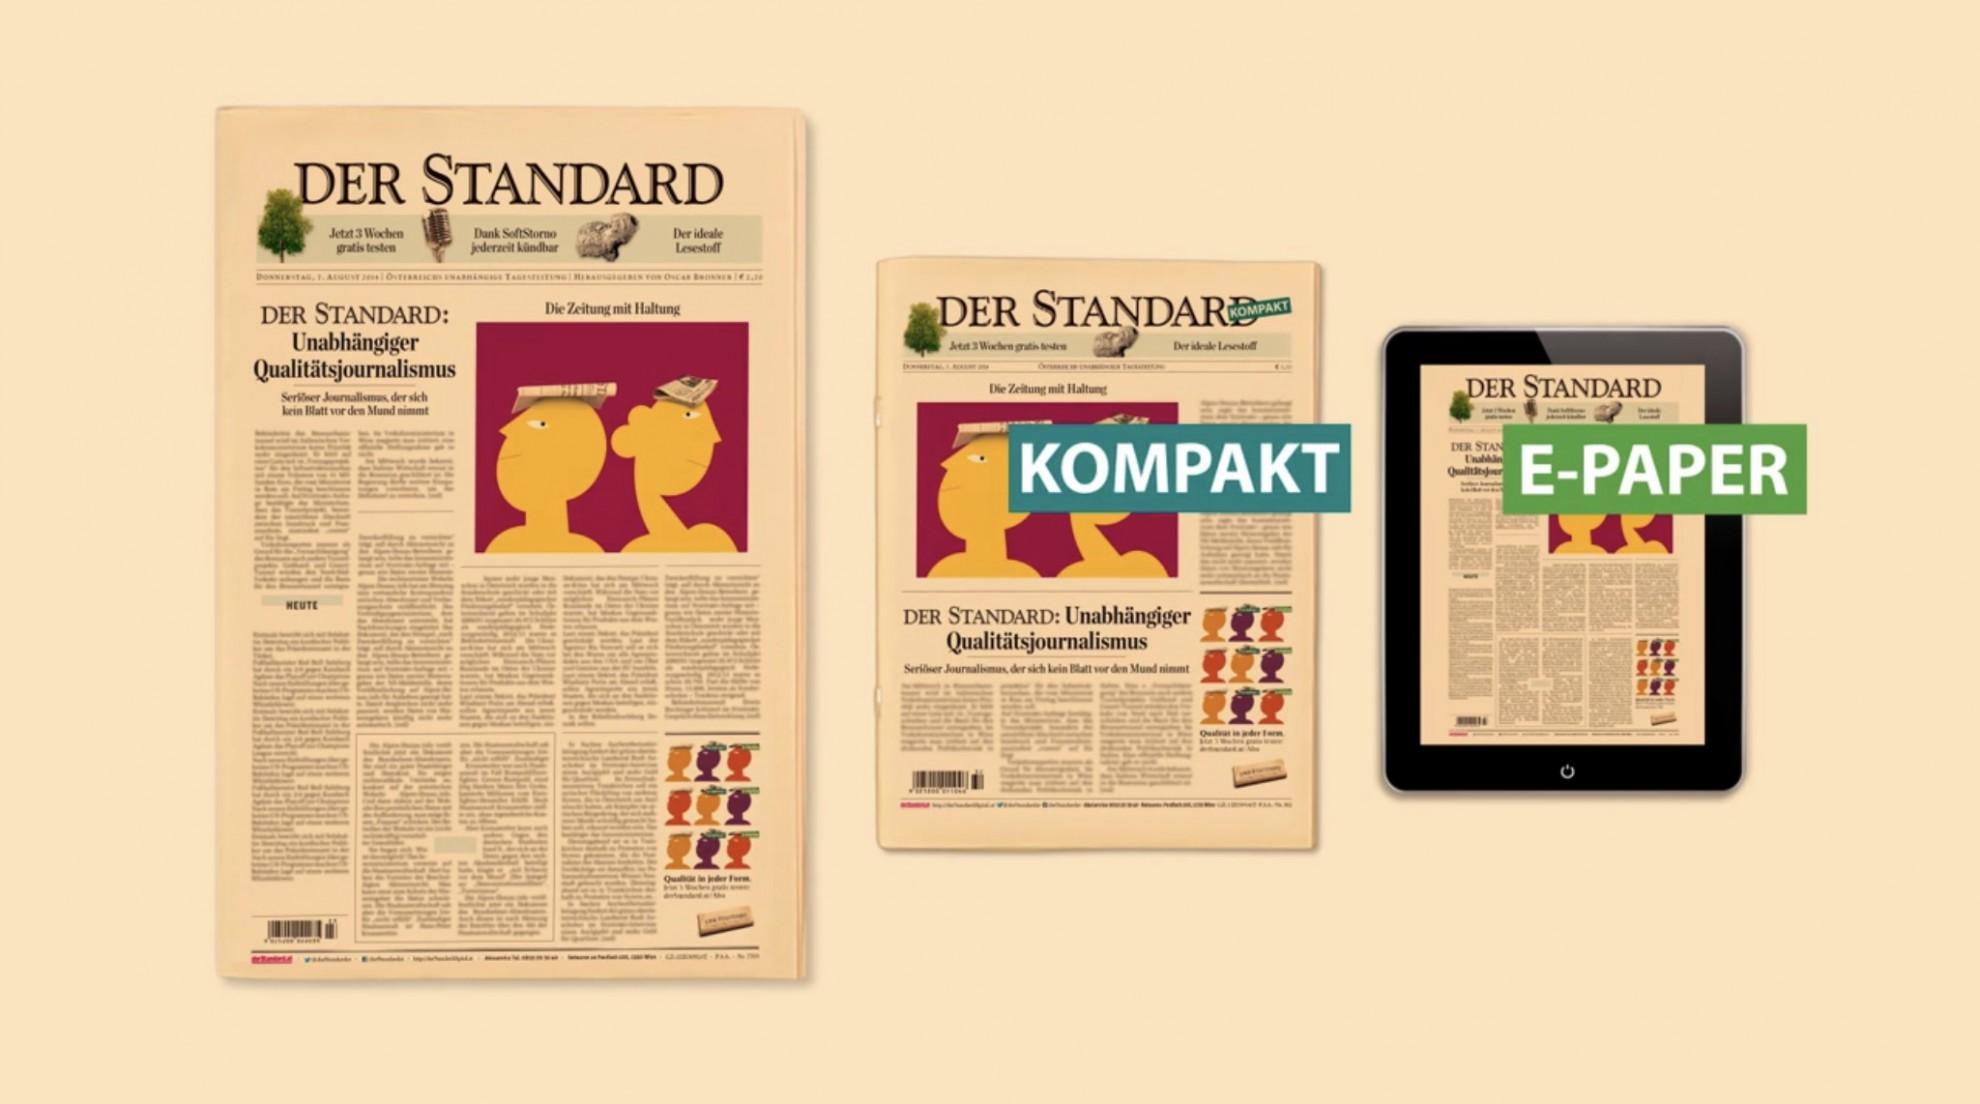 der-standard-majordesign